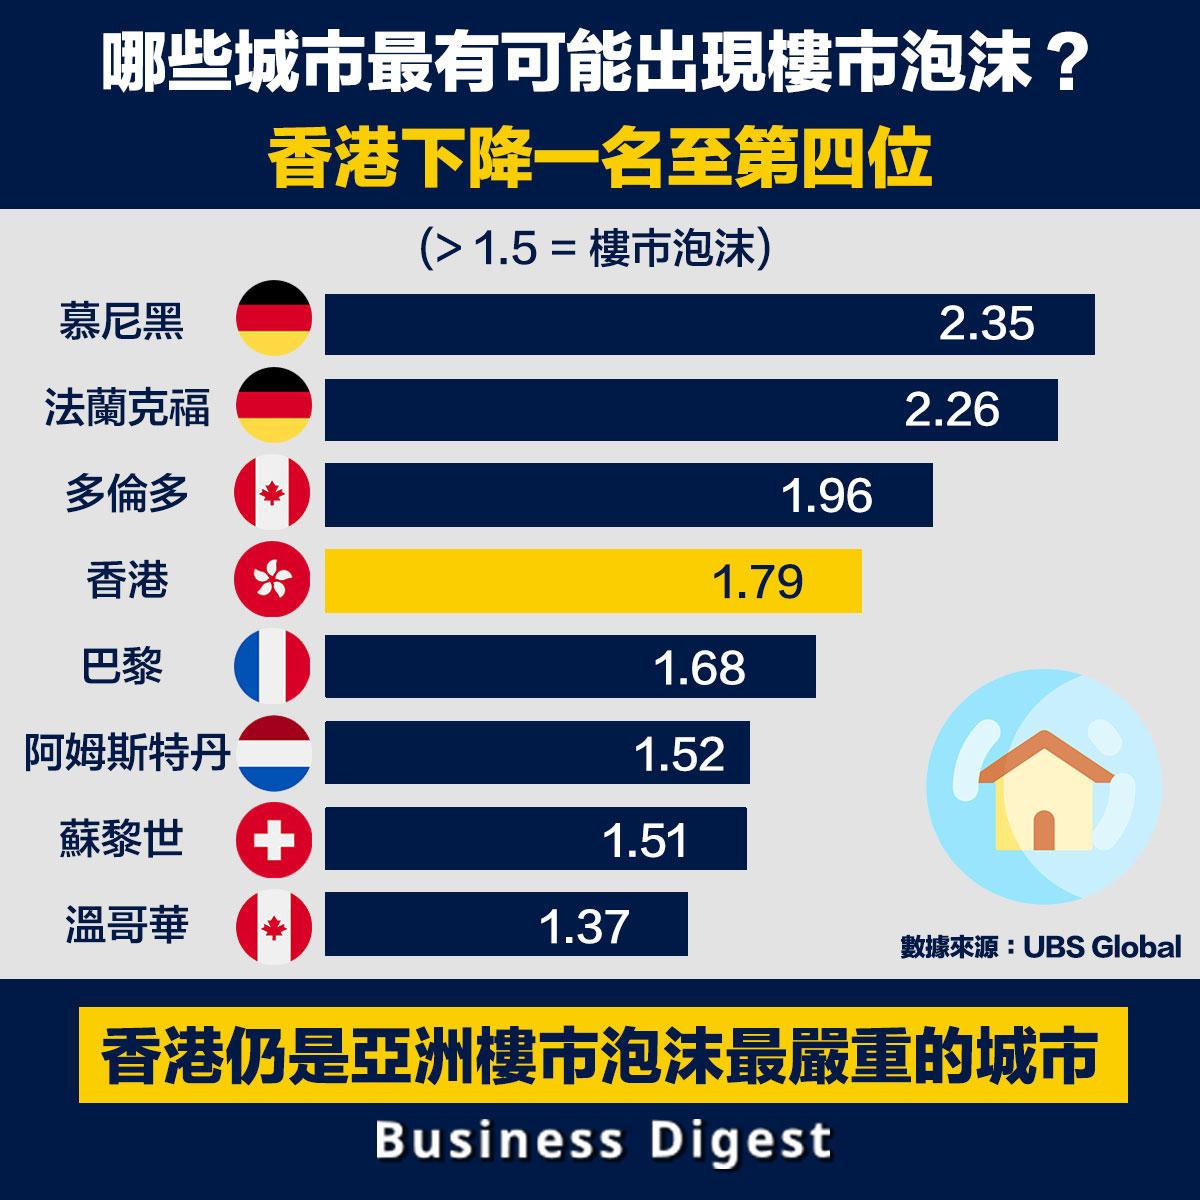 瑞銀近日發布2020年全球房產泡沫指數調查結果,數據顯示德國的兩個城市慕尼黑和法蘭克福的住房泡沫發展的風險最高,其後則是加拿大多倫多、香港和法國巴黎